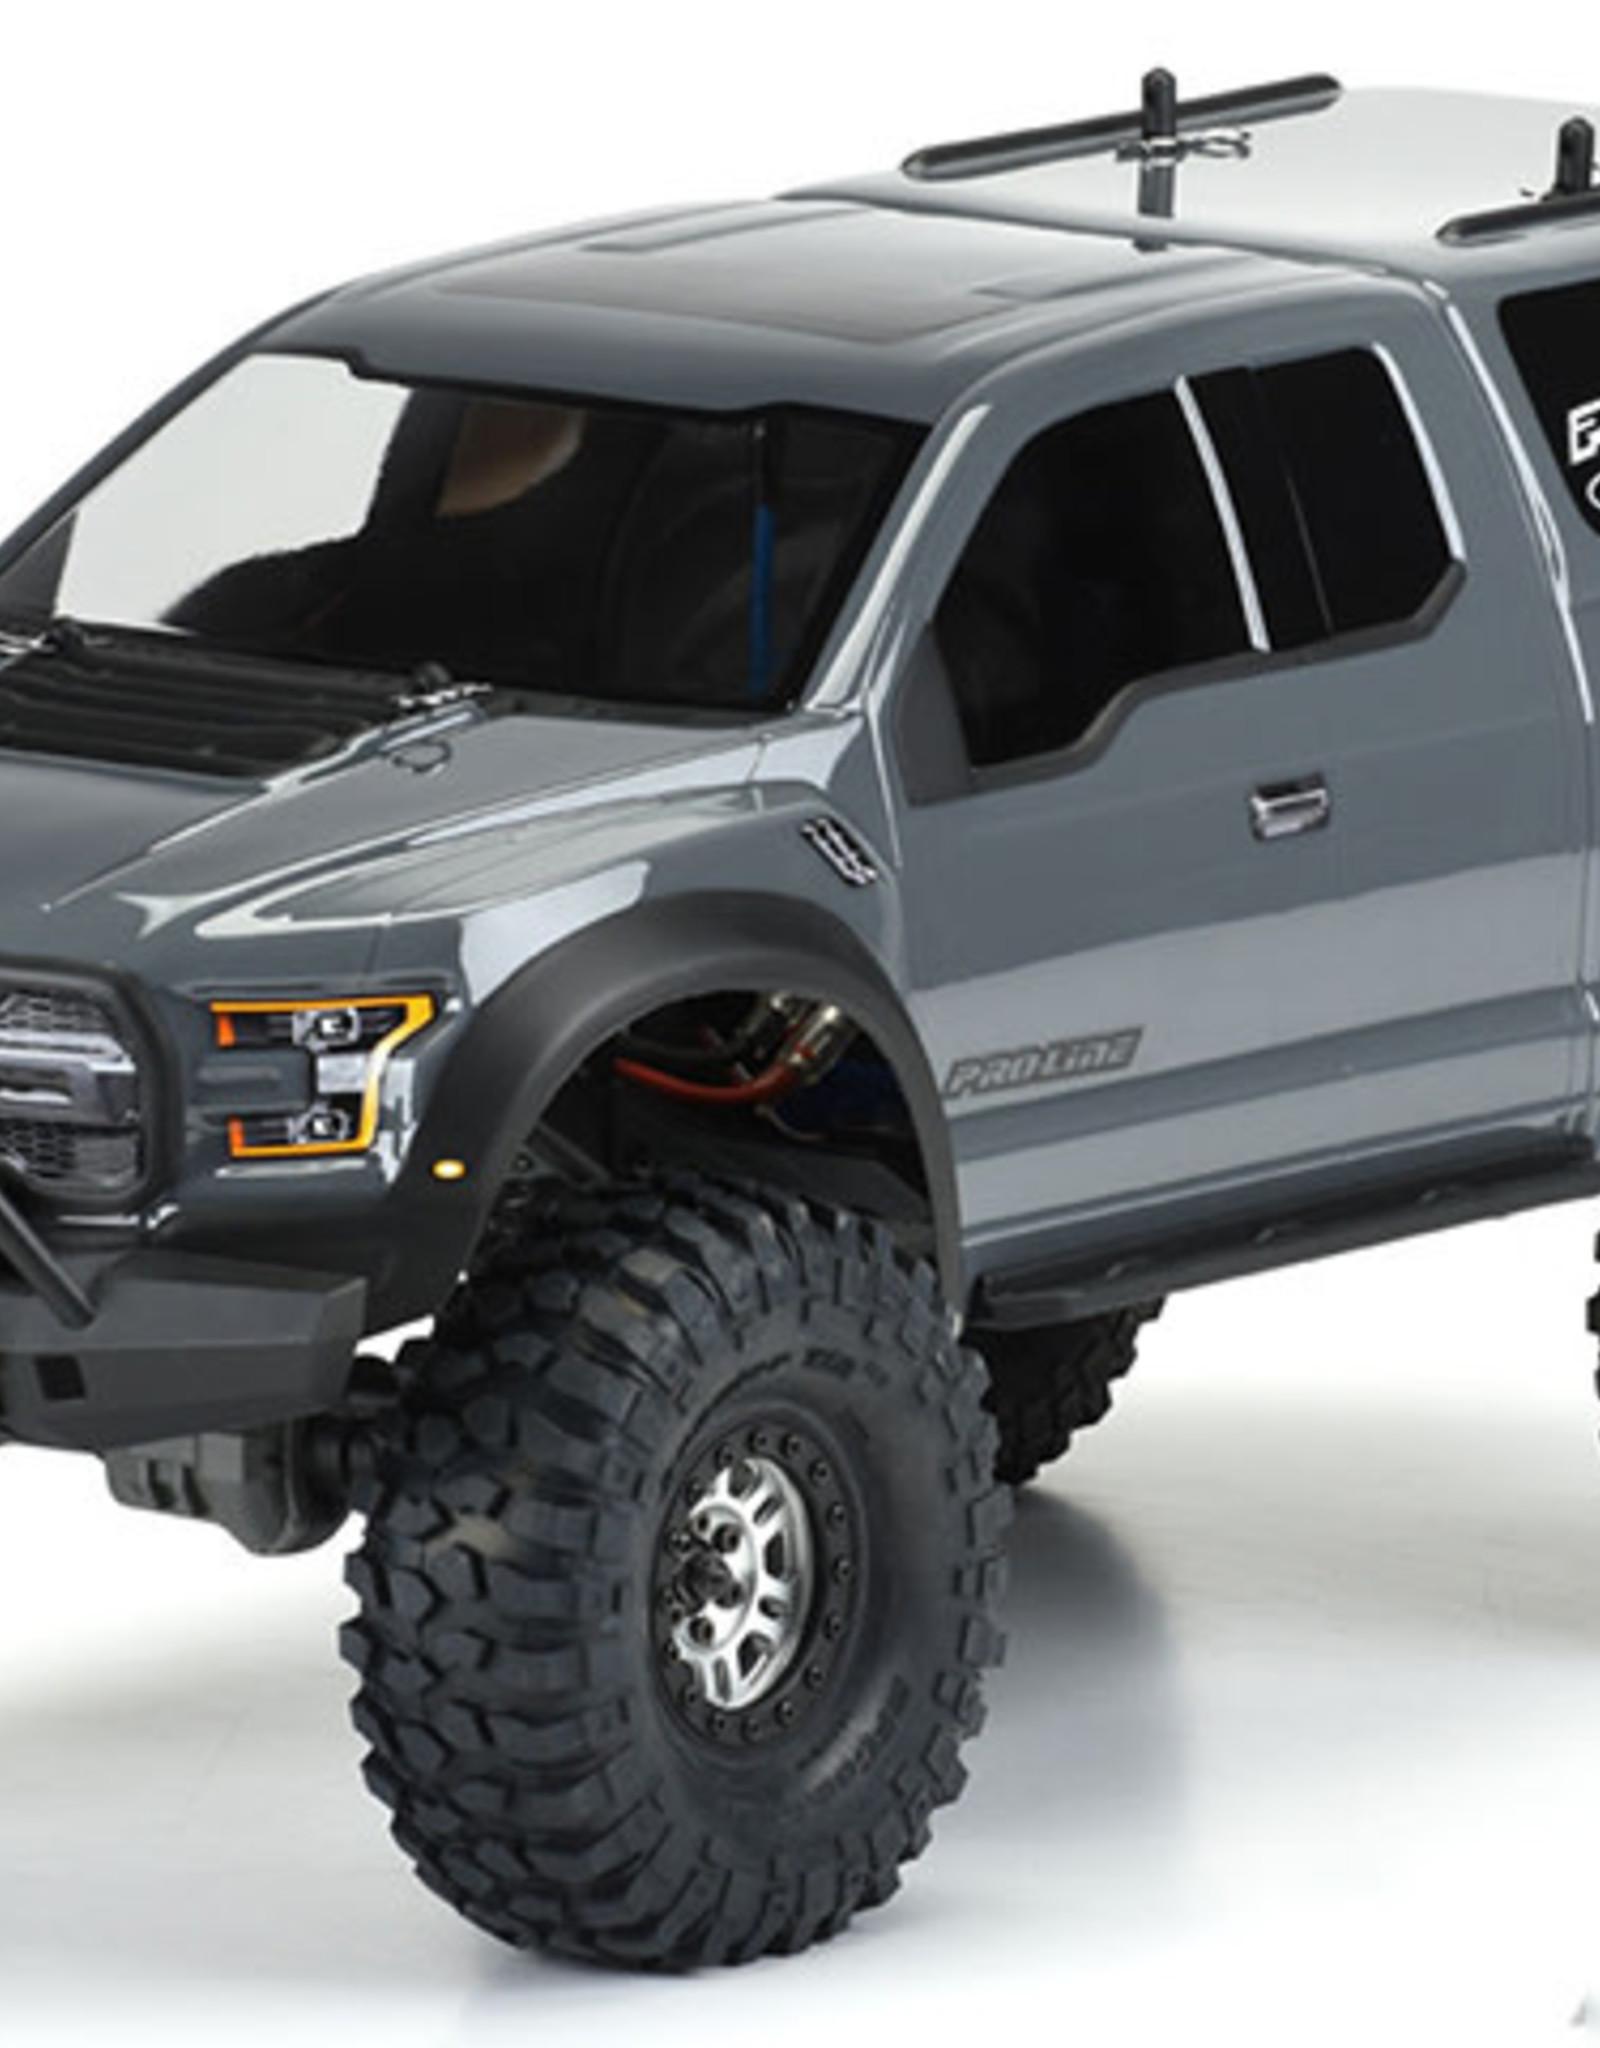 Pro-Line Pro-Line Raptor f-150 for TRX4